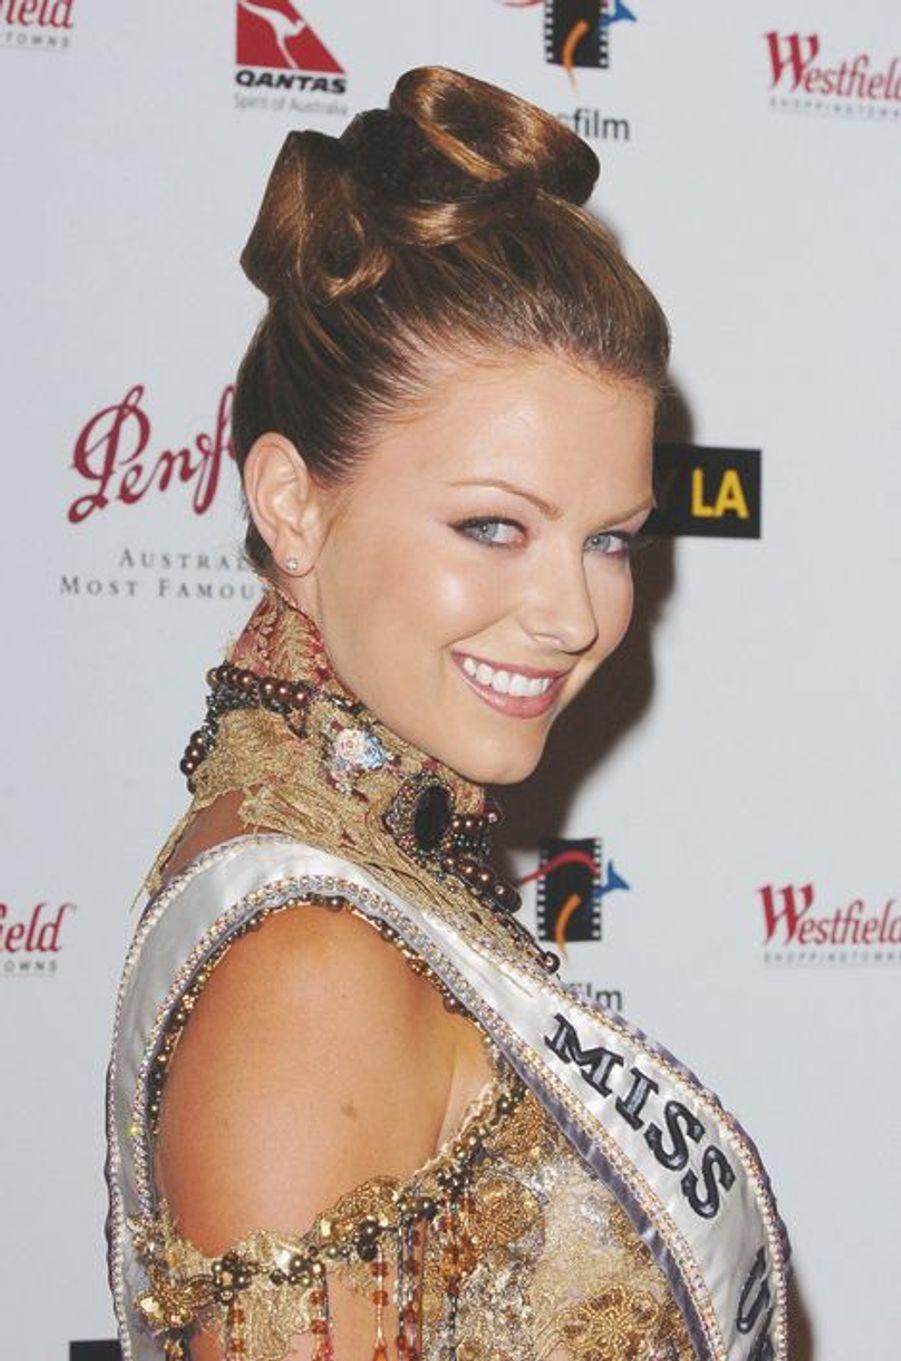 Jennifer Hawkins, Miss Australie élue Miss Univers 2004